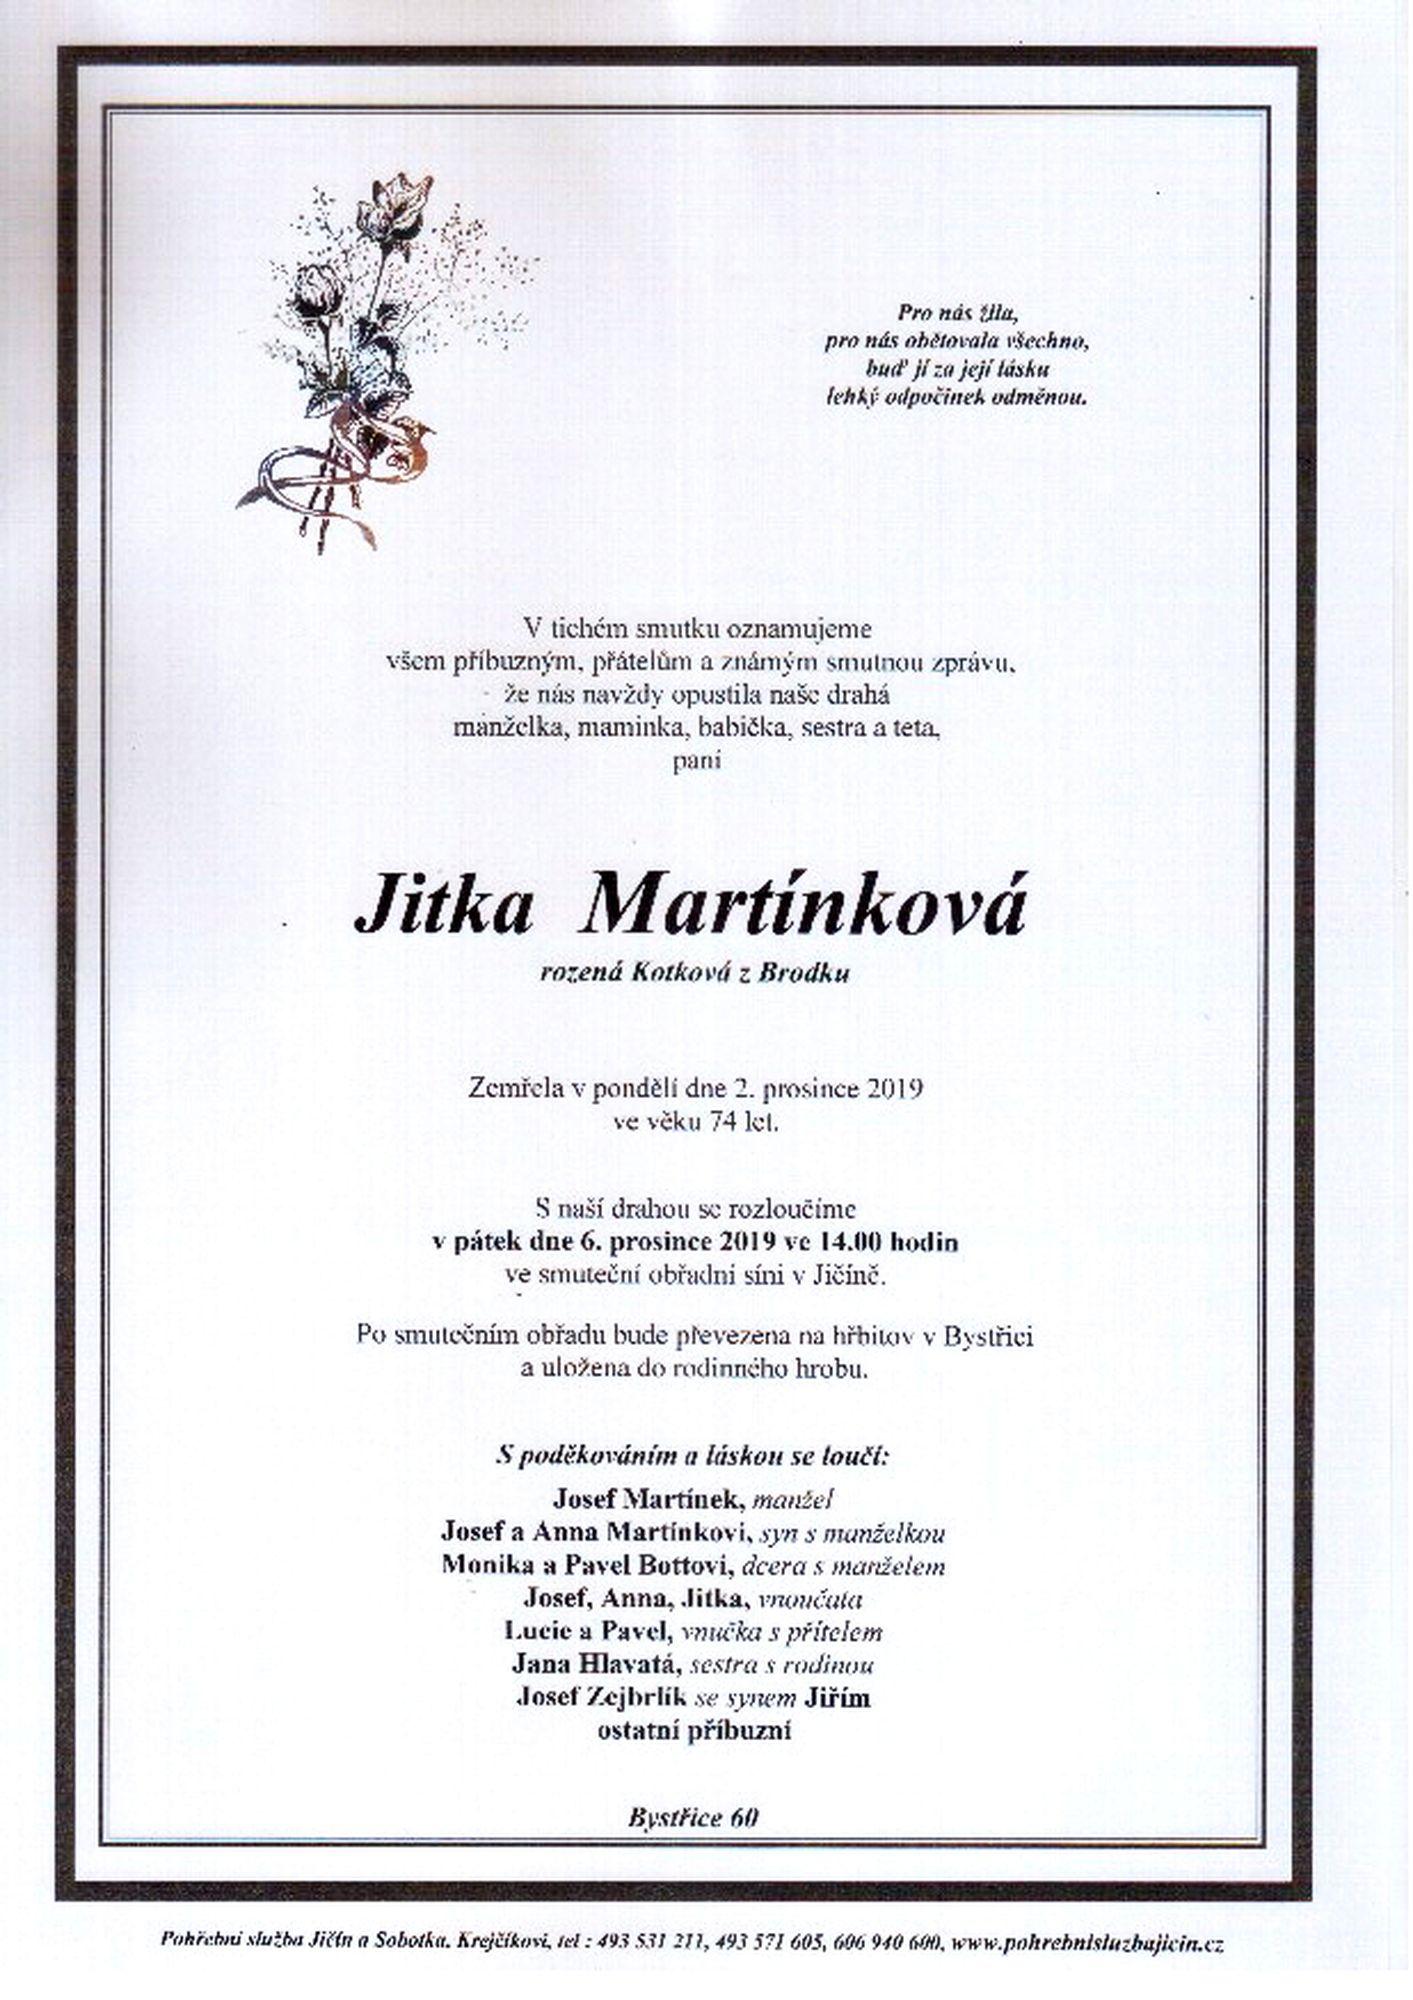 Jitka Martínková